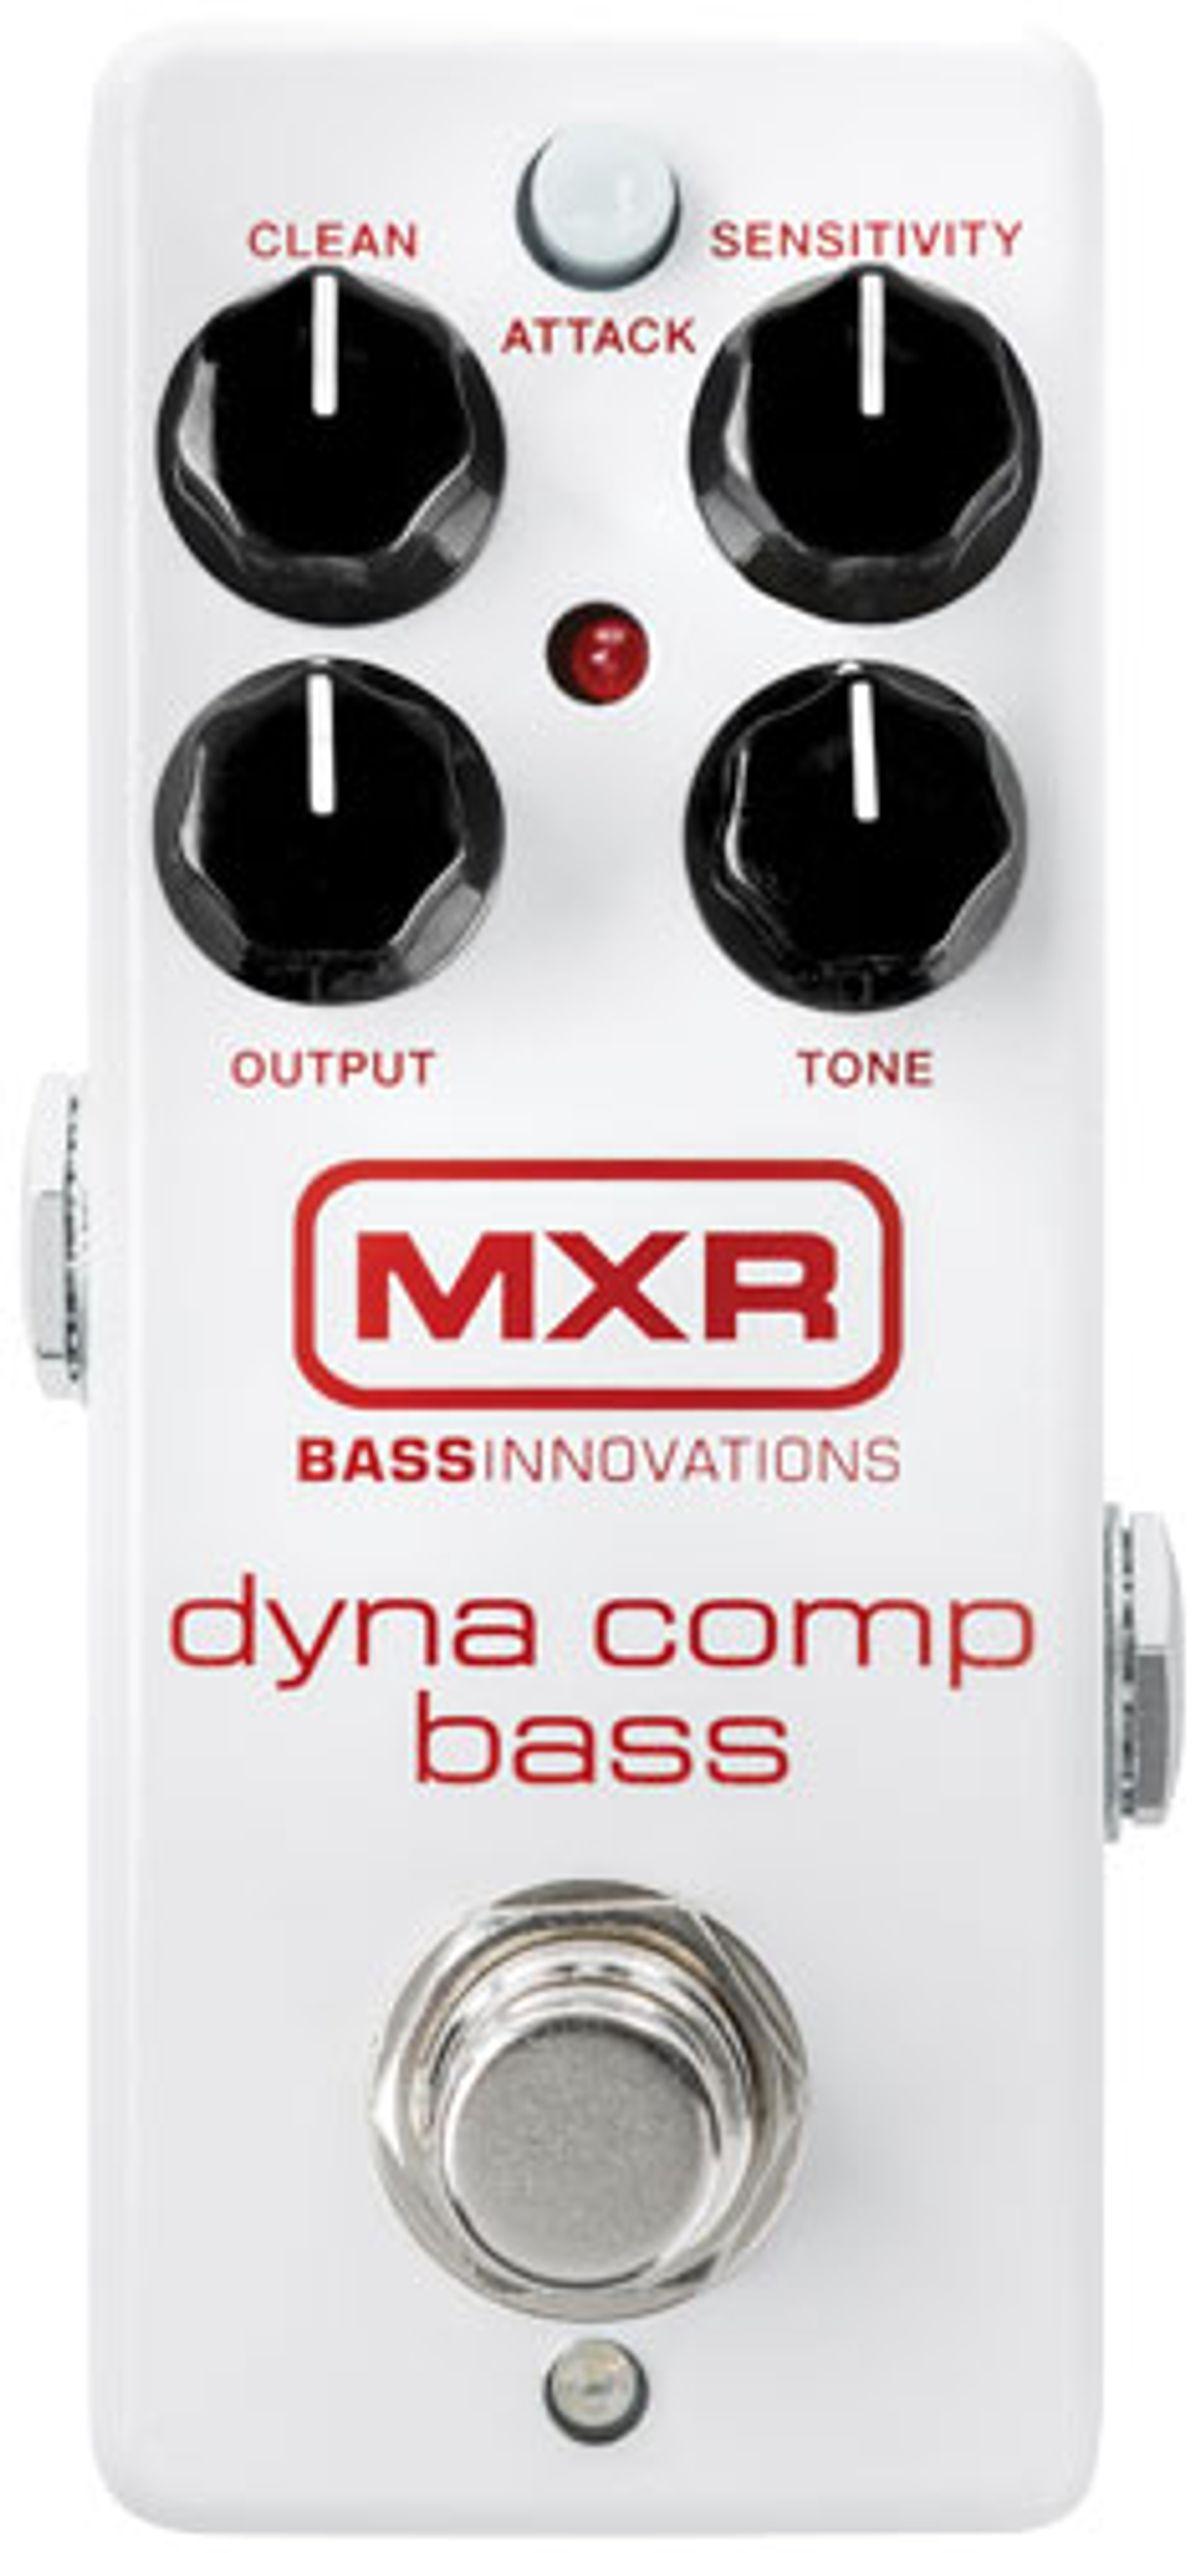 MXR Dyna Comp Bass Review